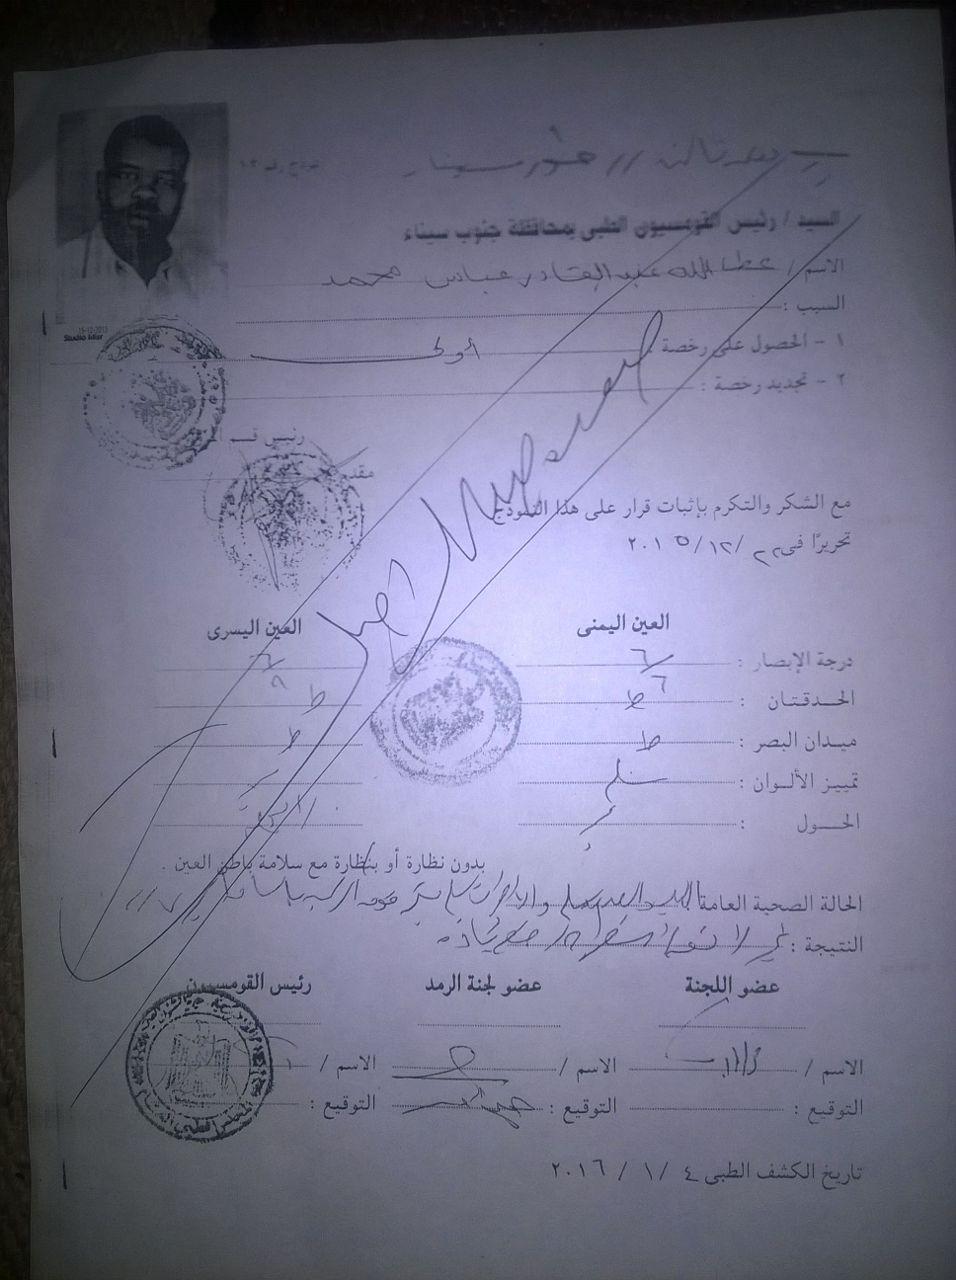 بعد بتر قدمه.. «التموين» تطالب سائق بالعودة للعمل بمديرية جنوب سيناء